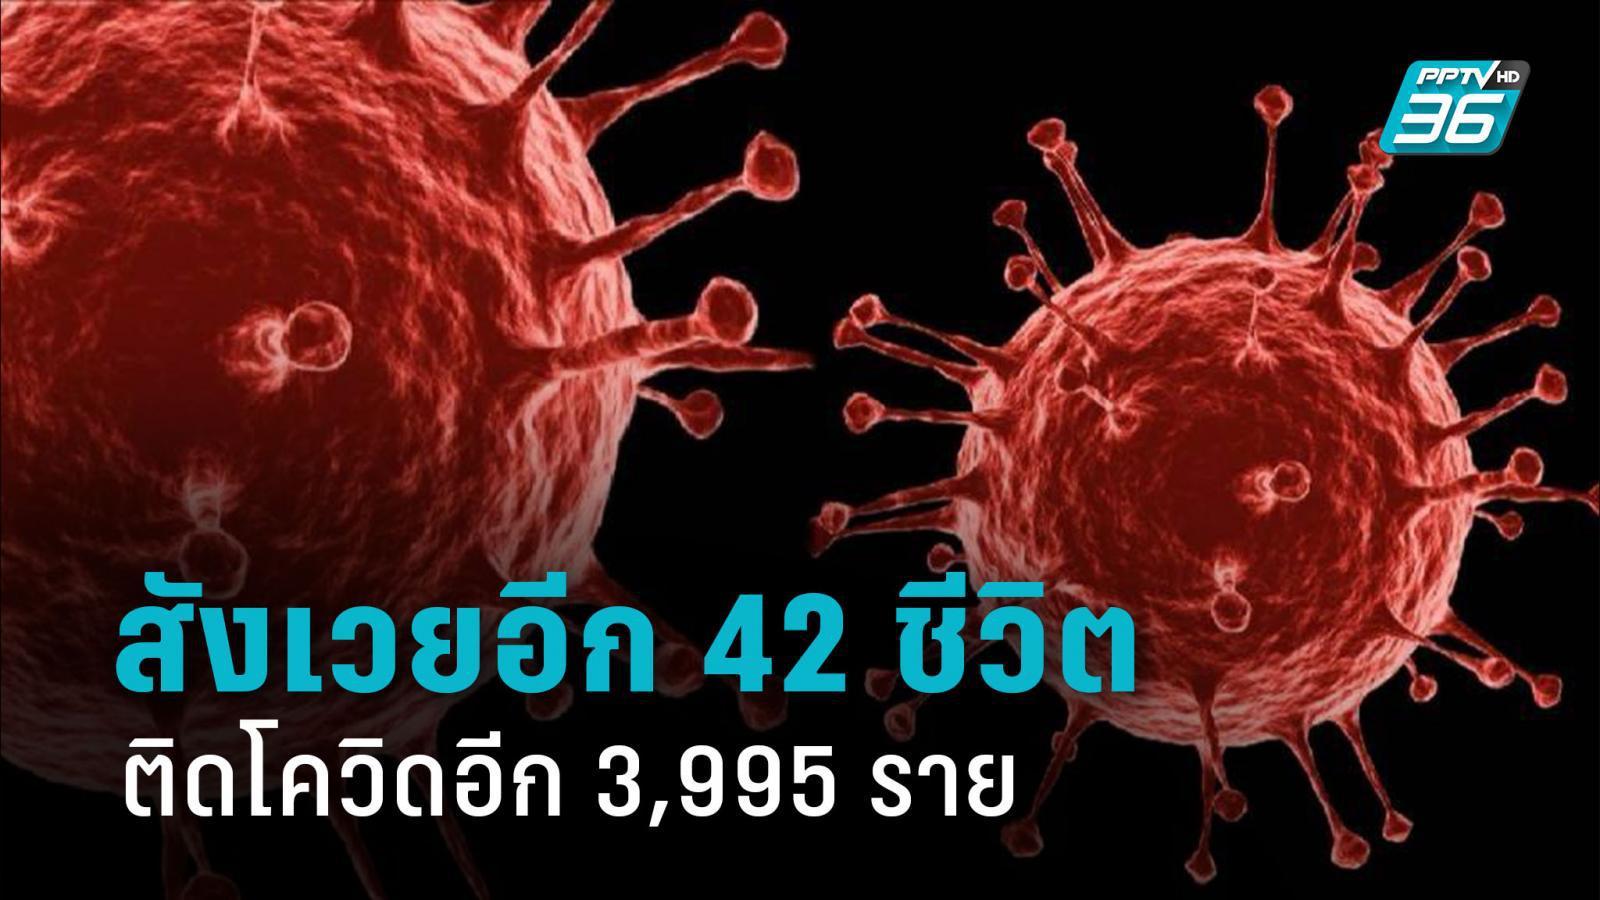 โควิดคร่าชีวิตคนไทยอีก 42 ศพ ติดเชื้อวันนี้ 3,995 ราย หายป่วย 2,253 ราย